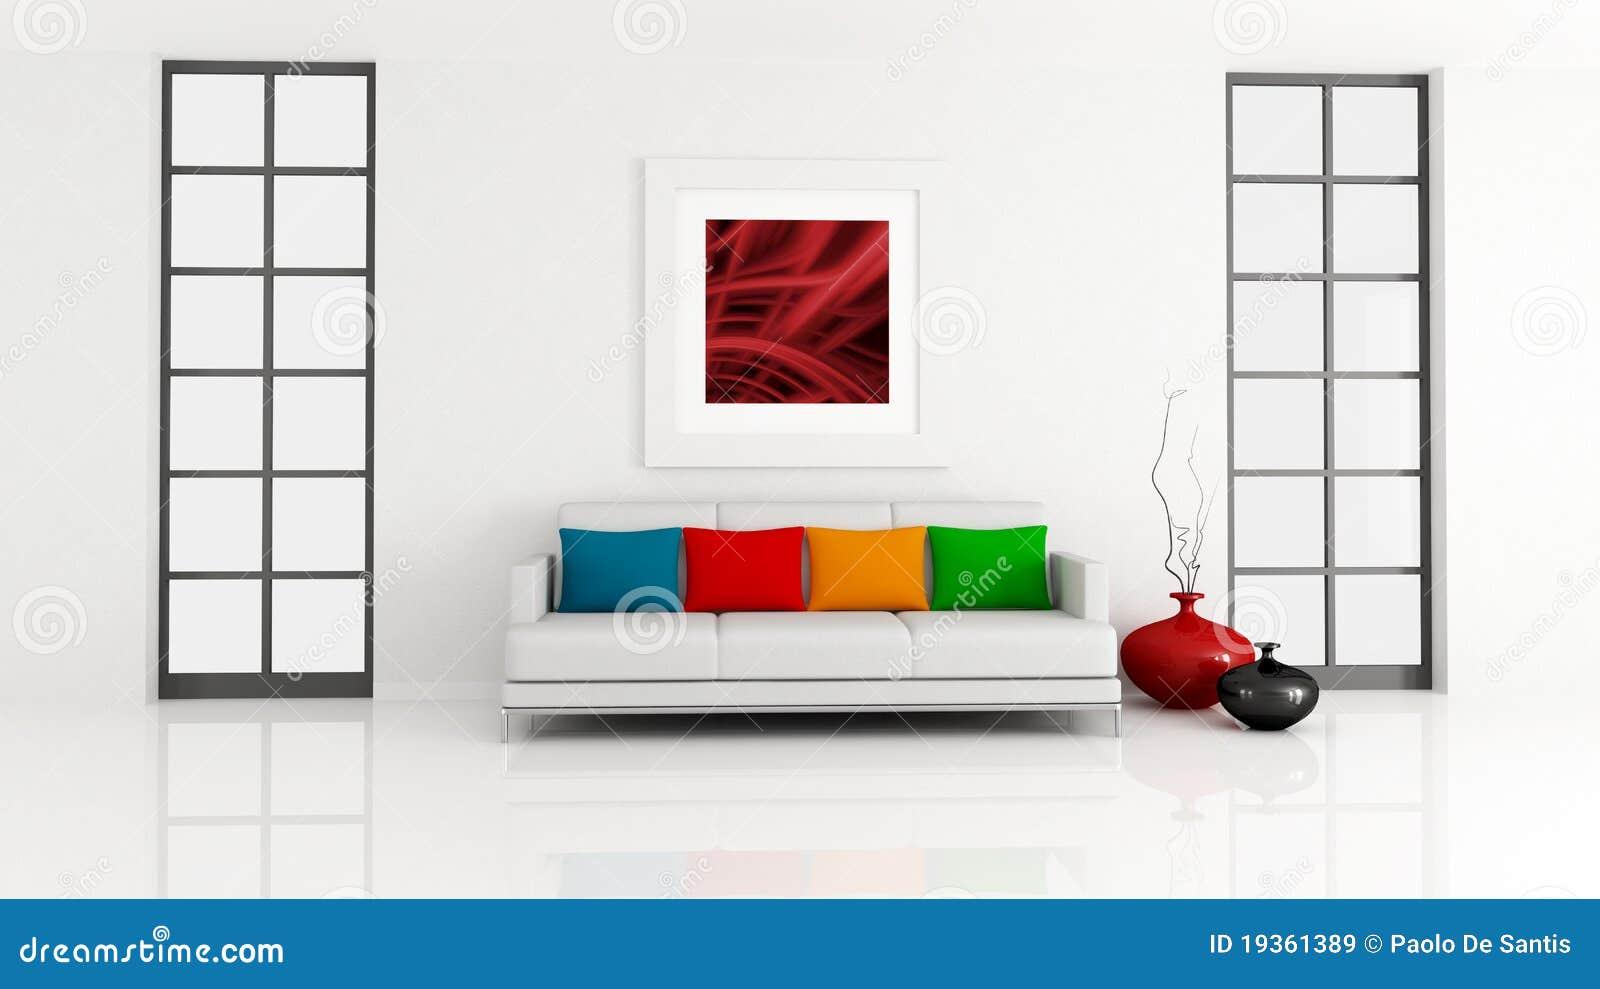 Minimalist Lounge Royalty Free Stock Images Image 19361389